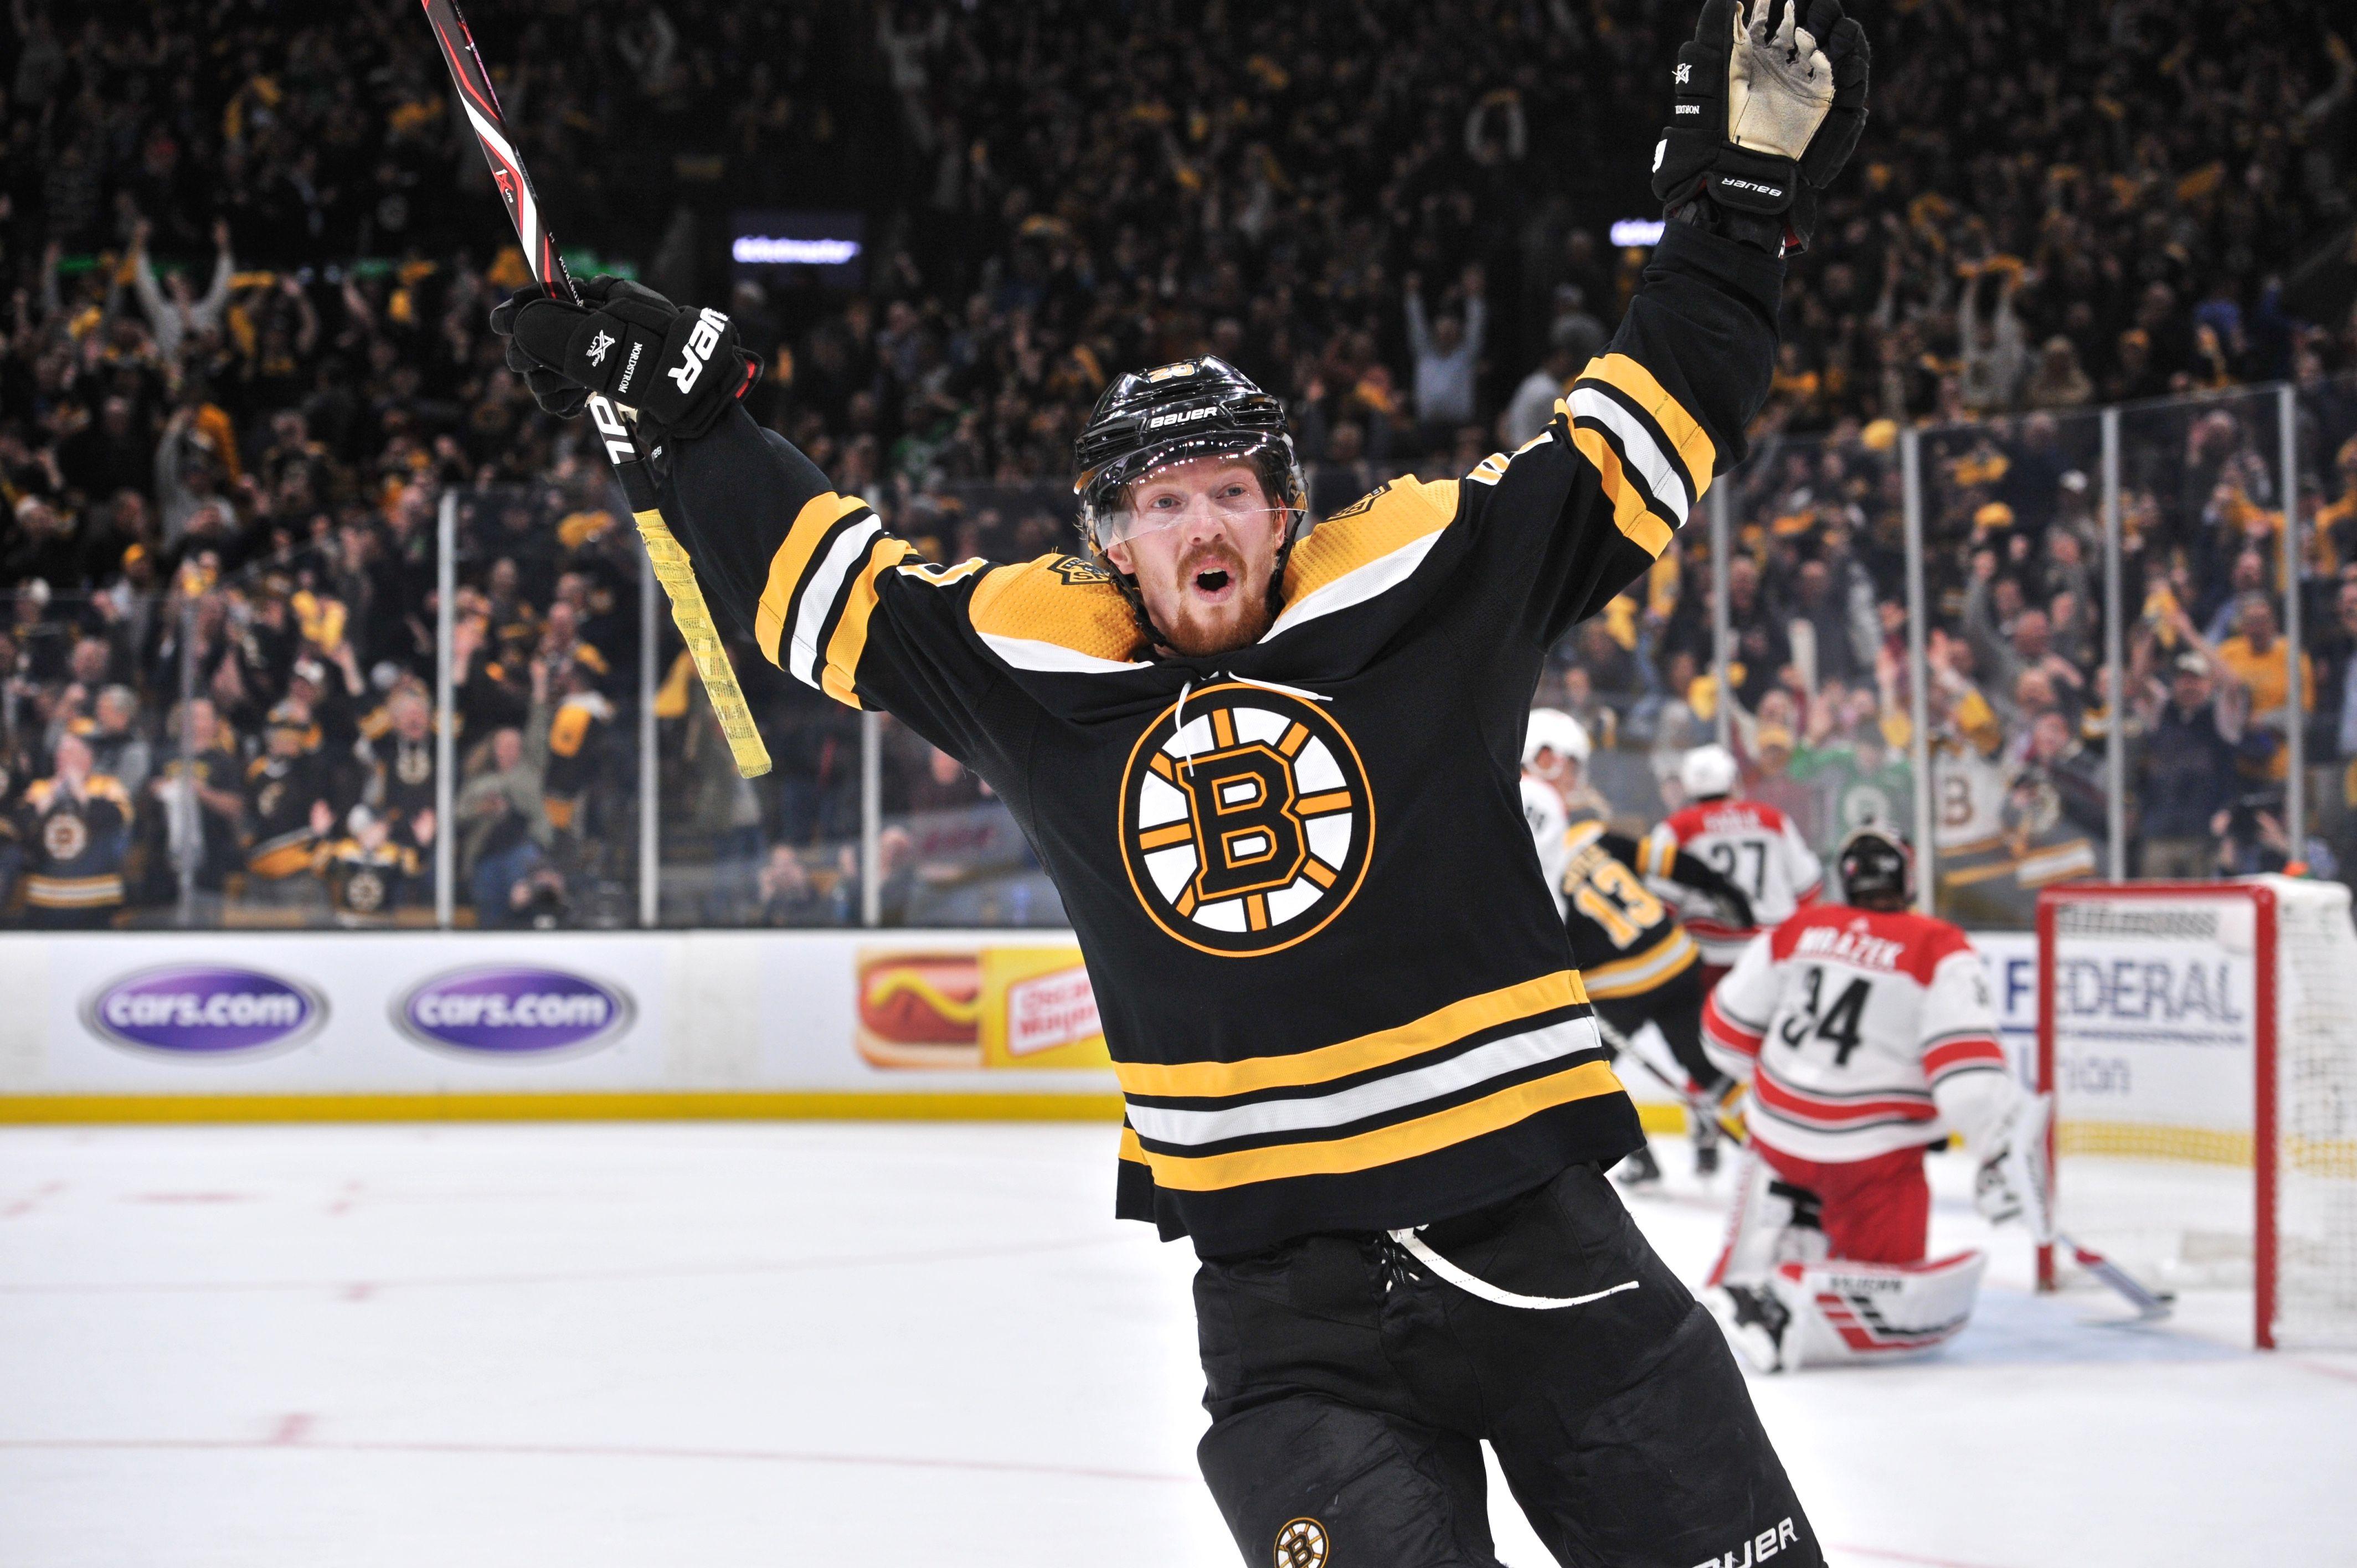 Bruins celebrate a goal